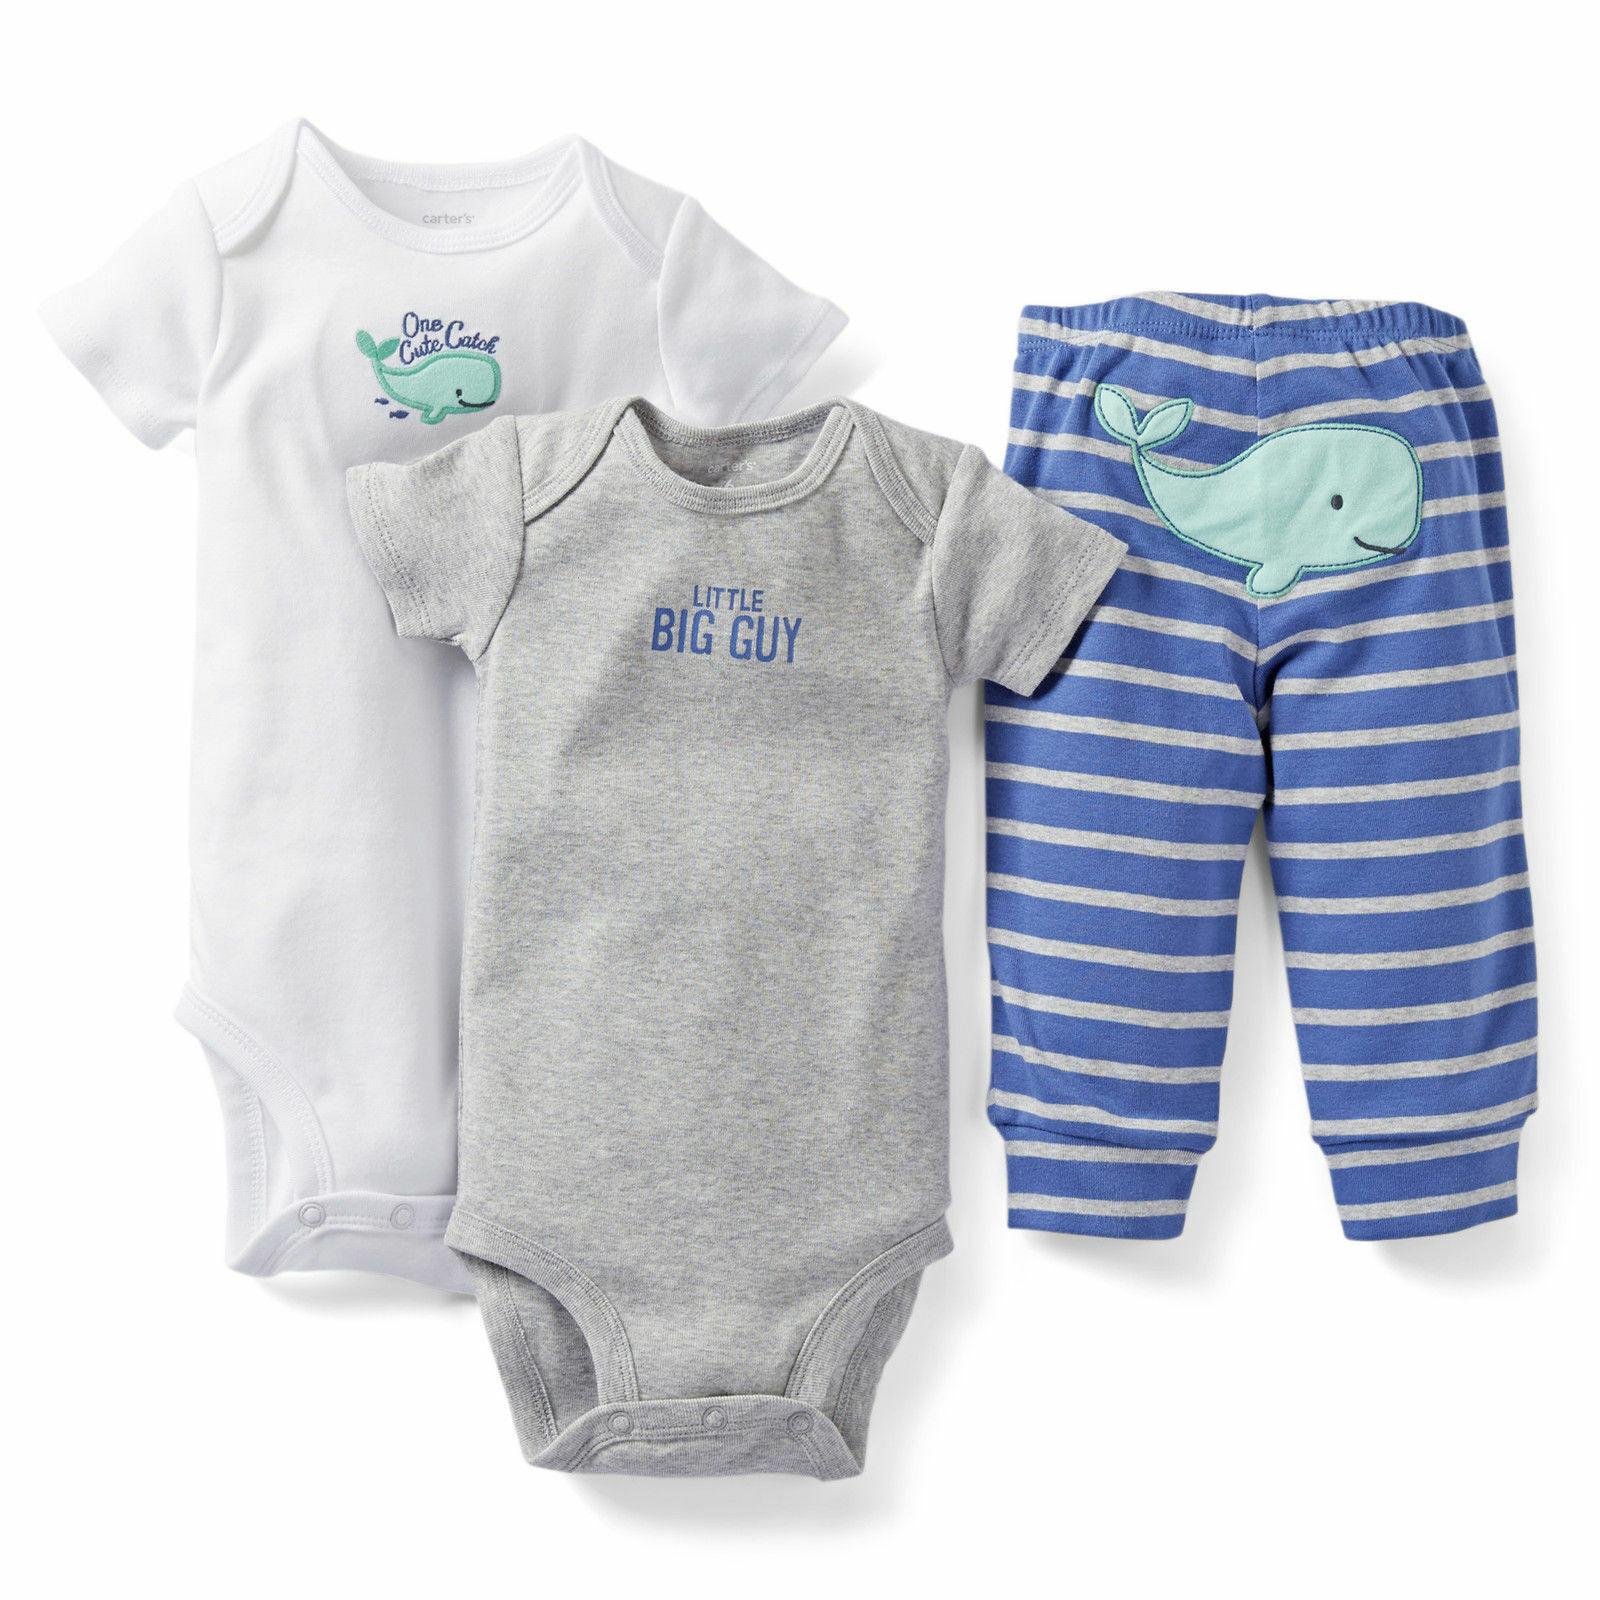 CARTER'S BABY BOY 3PC LITTLE BIG GUY /WHALE BODYSUITS PANT SET 6M 9M CLOTHES